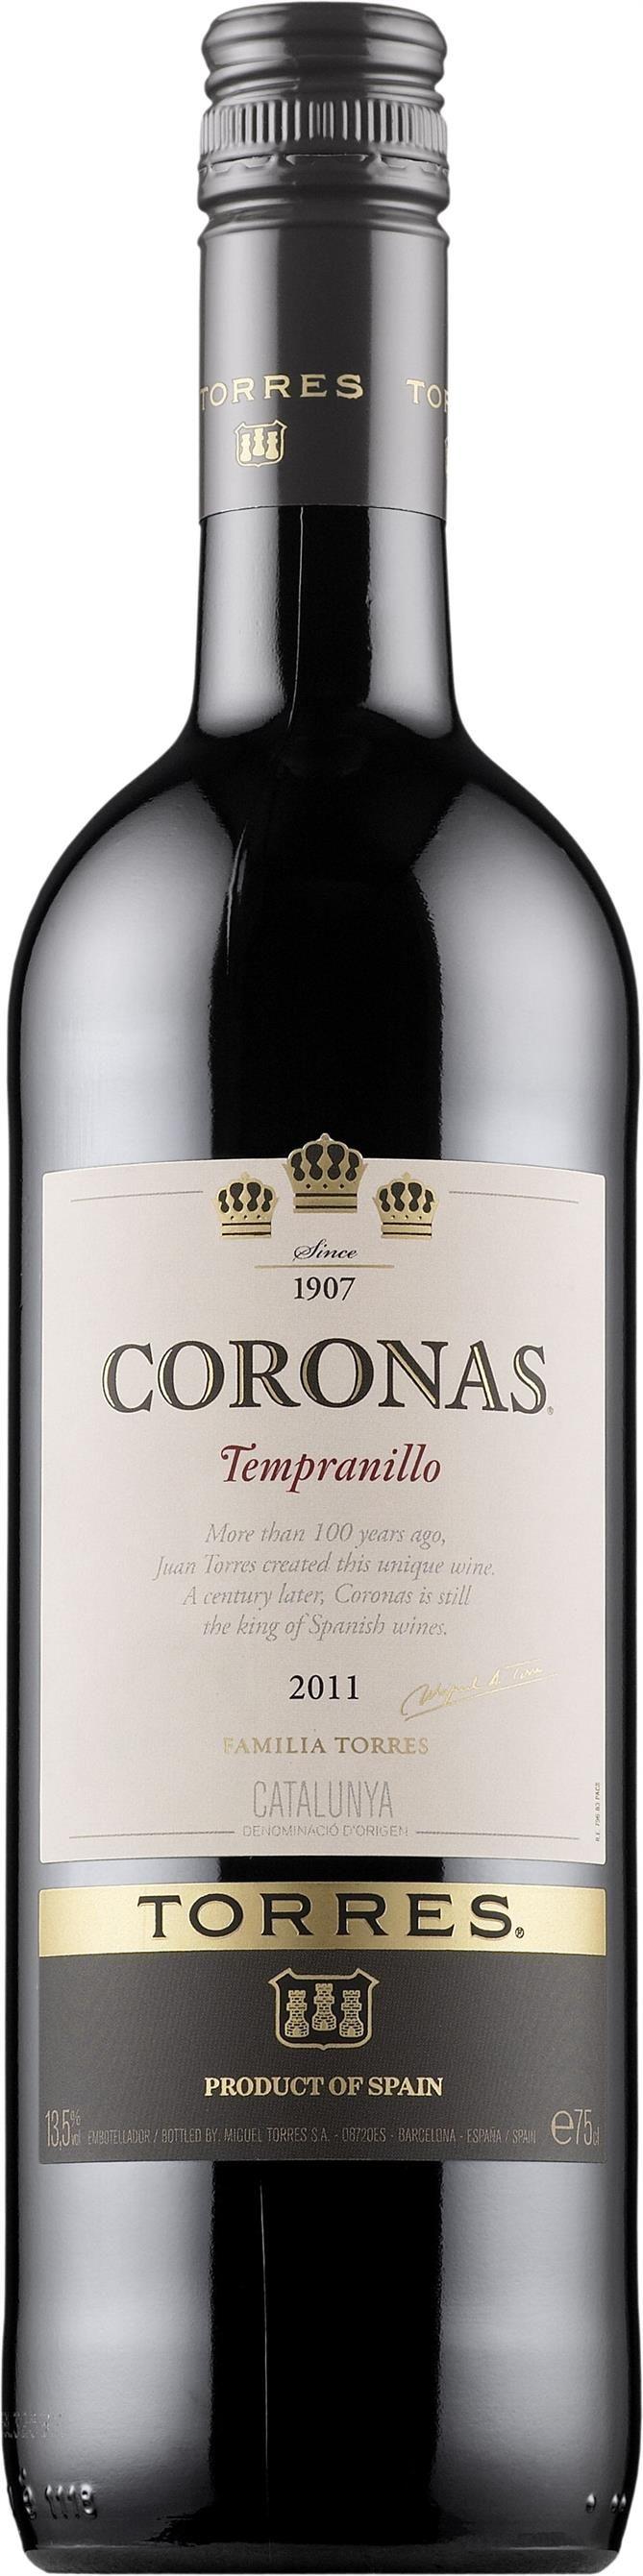 Torres Coronas Tempranillo 2012